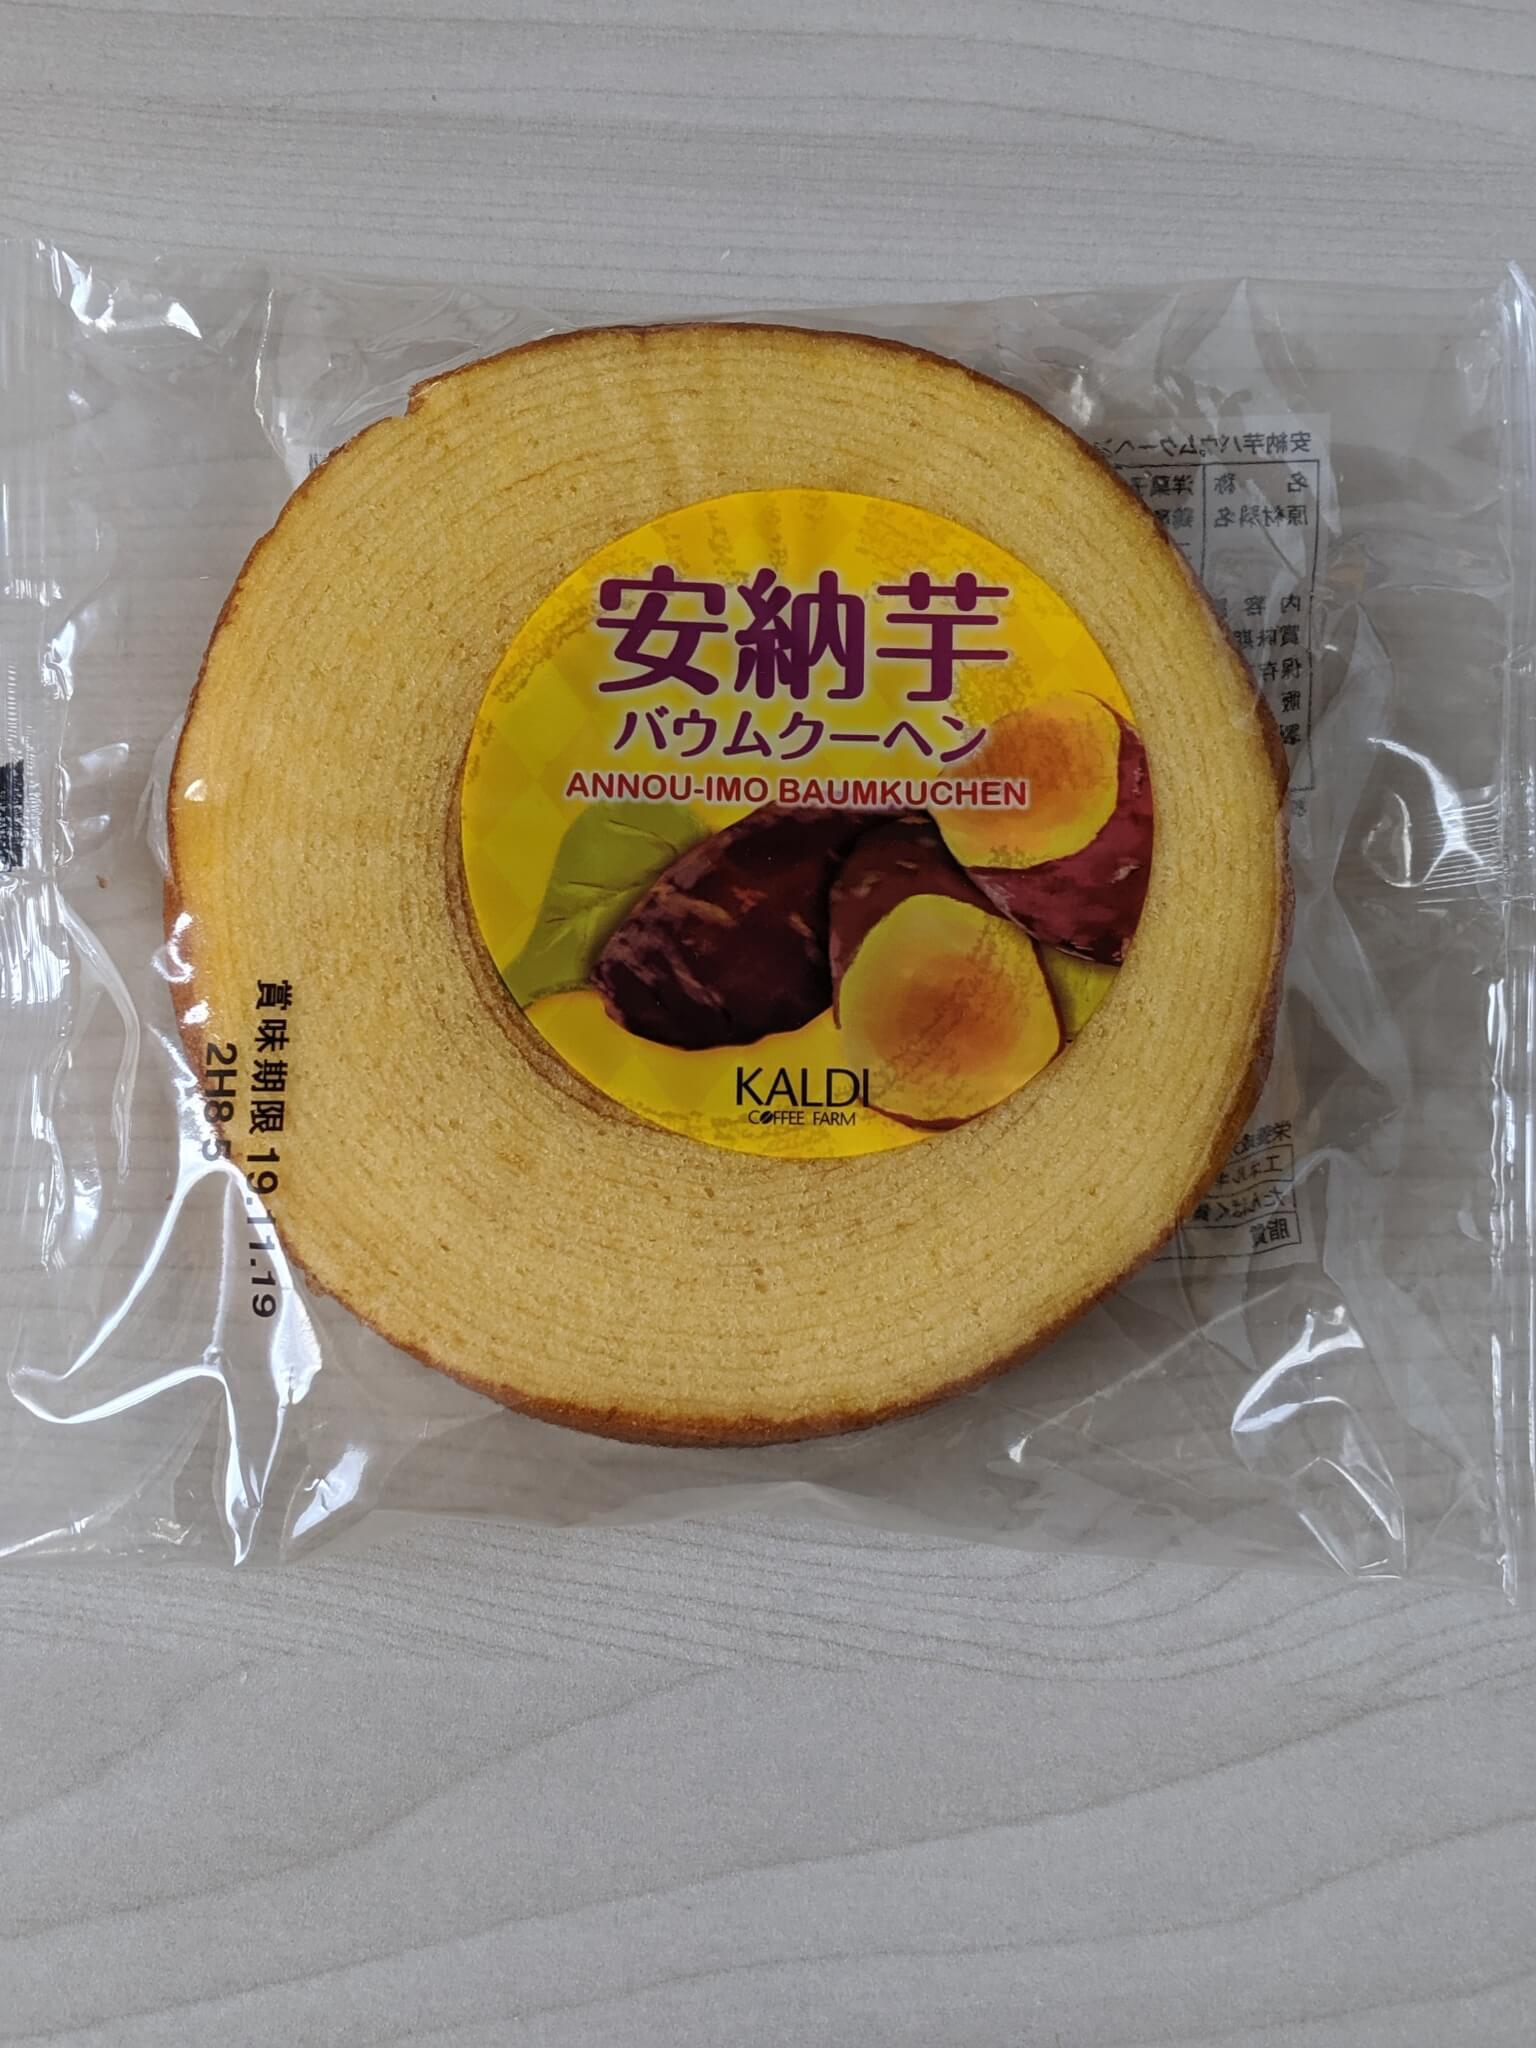 カルディの安納芋バウムクーヘン